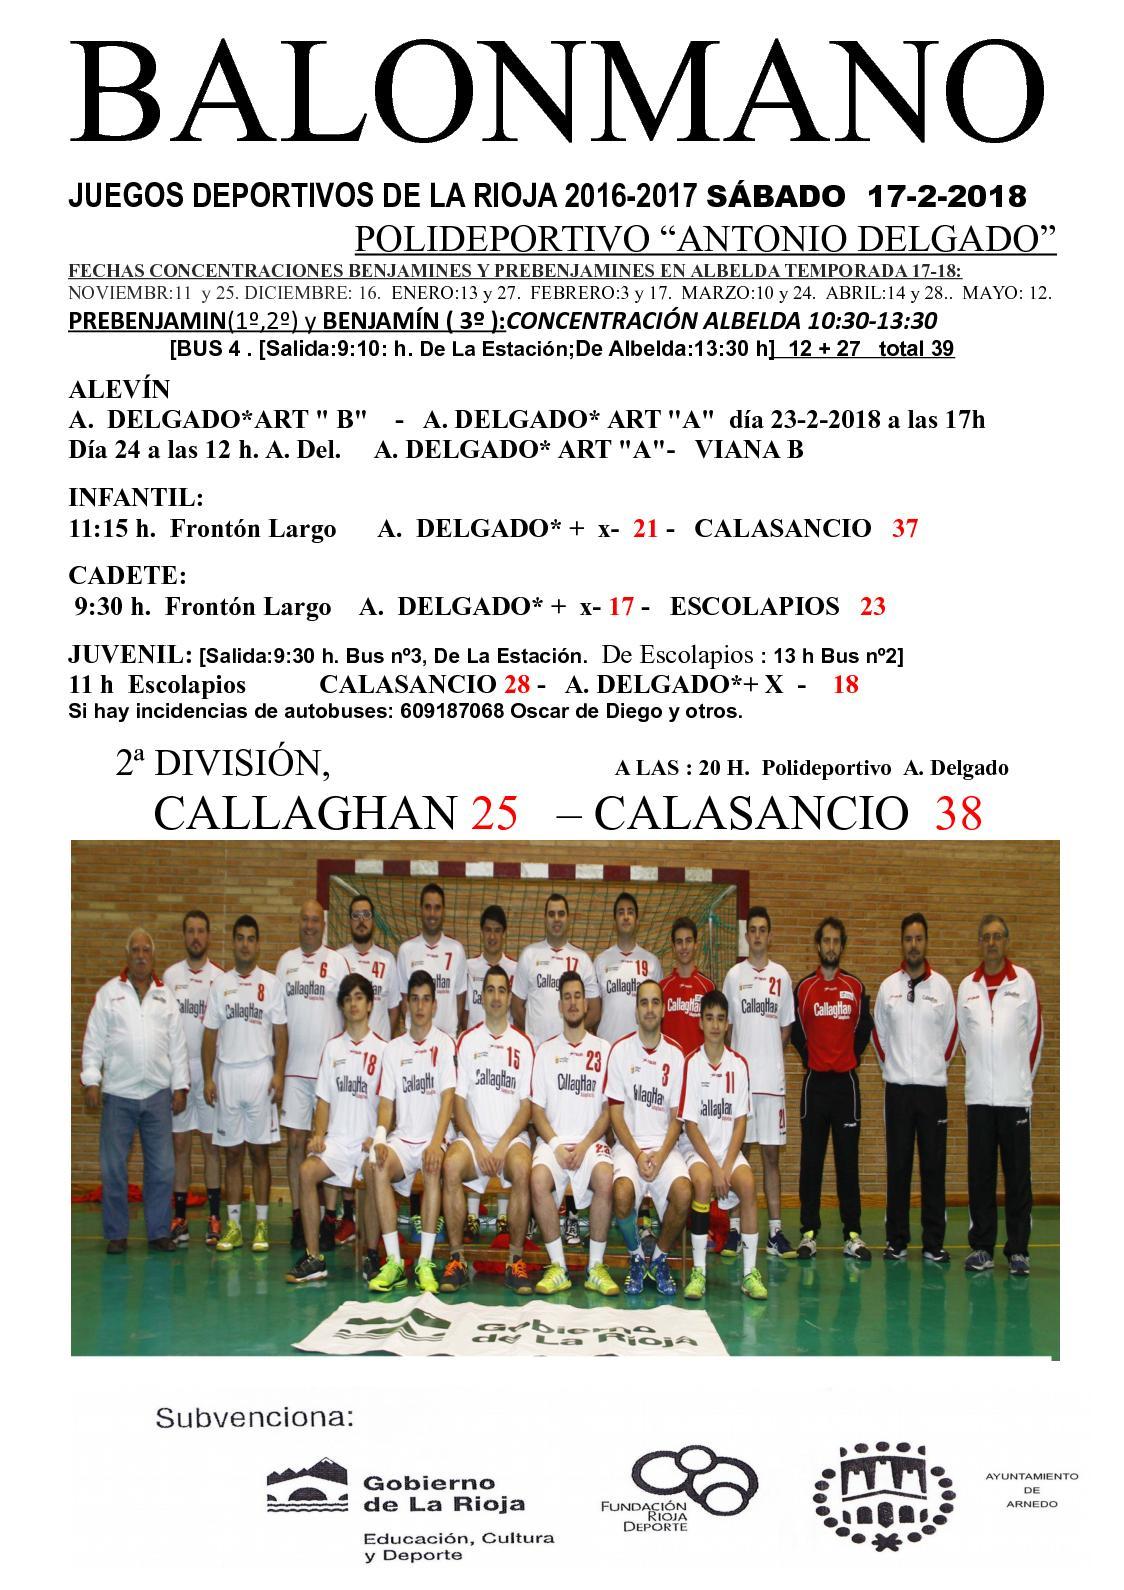 Sabadobmano20132proxima Semana 17 2 18